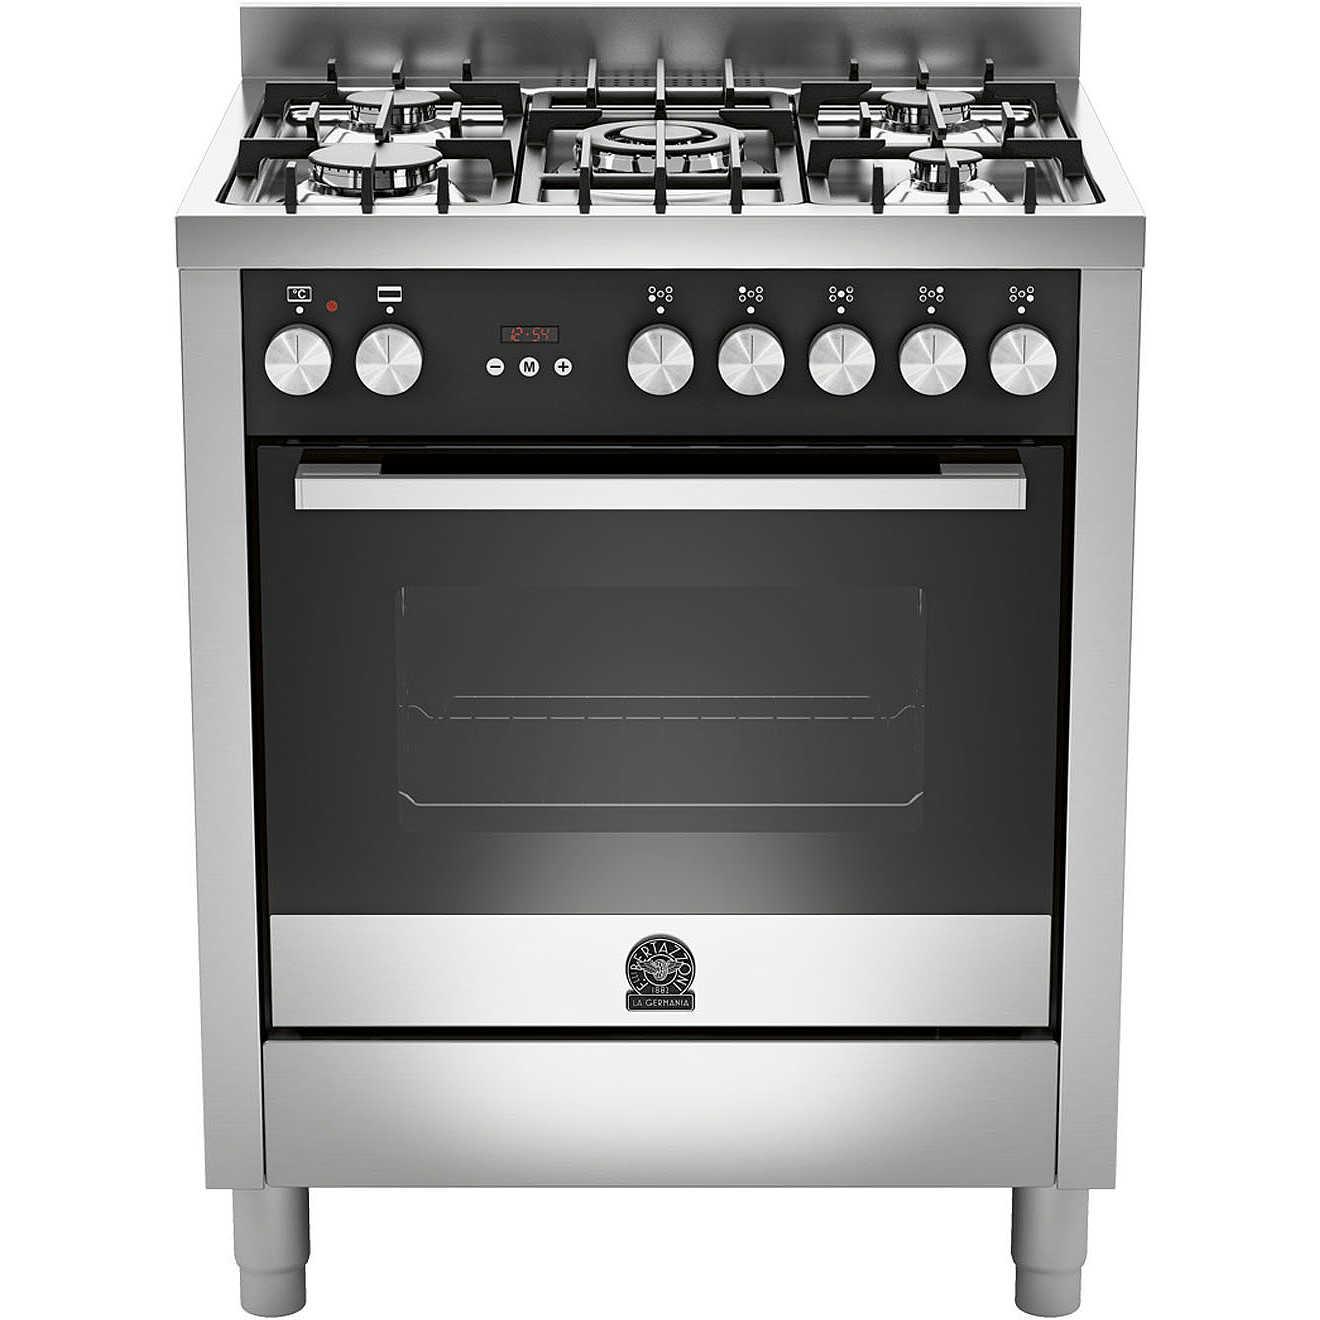 La germania ftr705mfesxt cucina 70x60 5 fuochi a gas forno for Cucina 5 fuochi 70x60